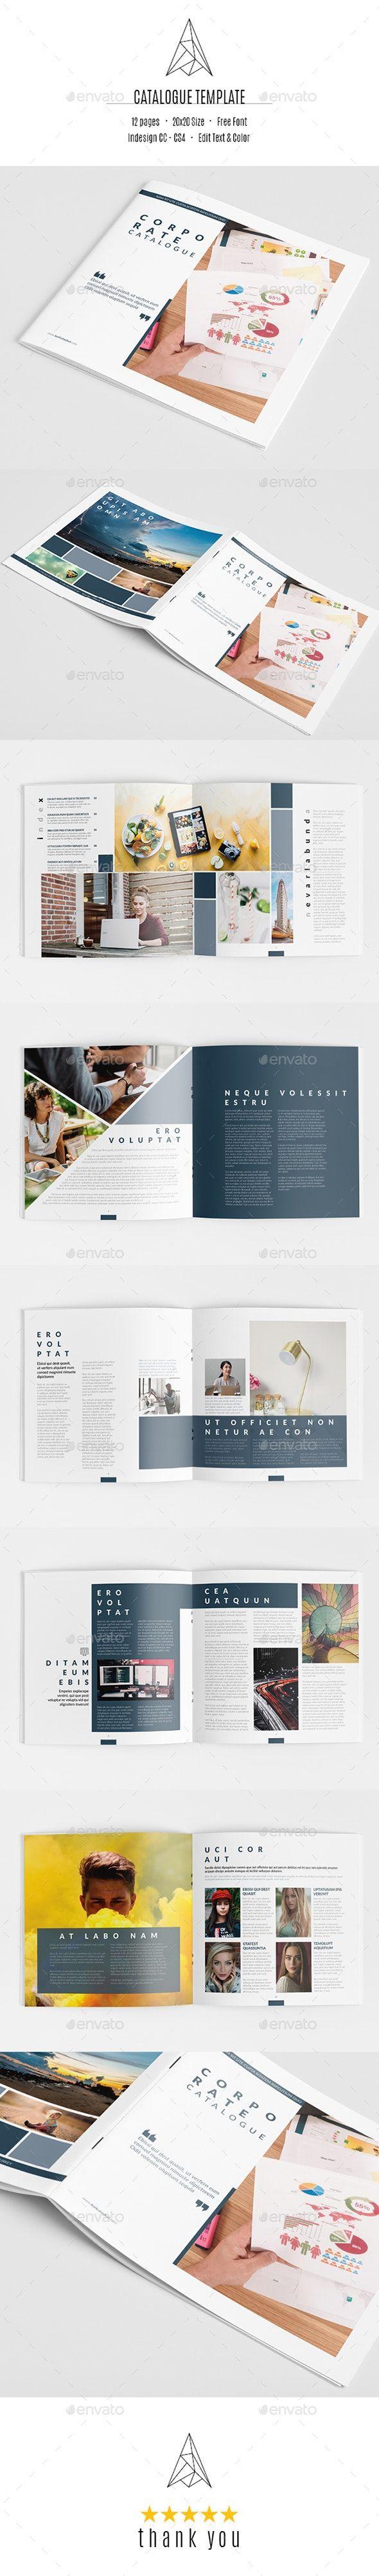 Corporate Catalogue Template Brochure Design Template Catalogue Design Templates Templates